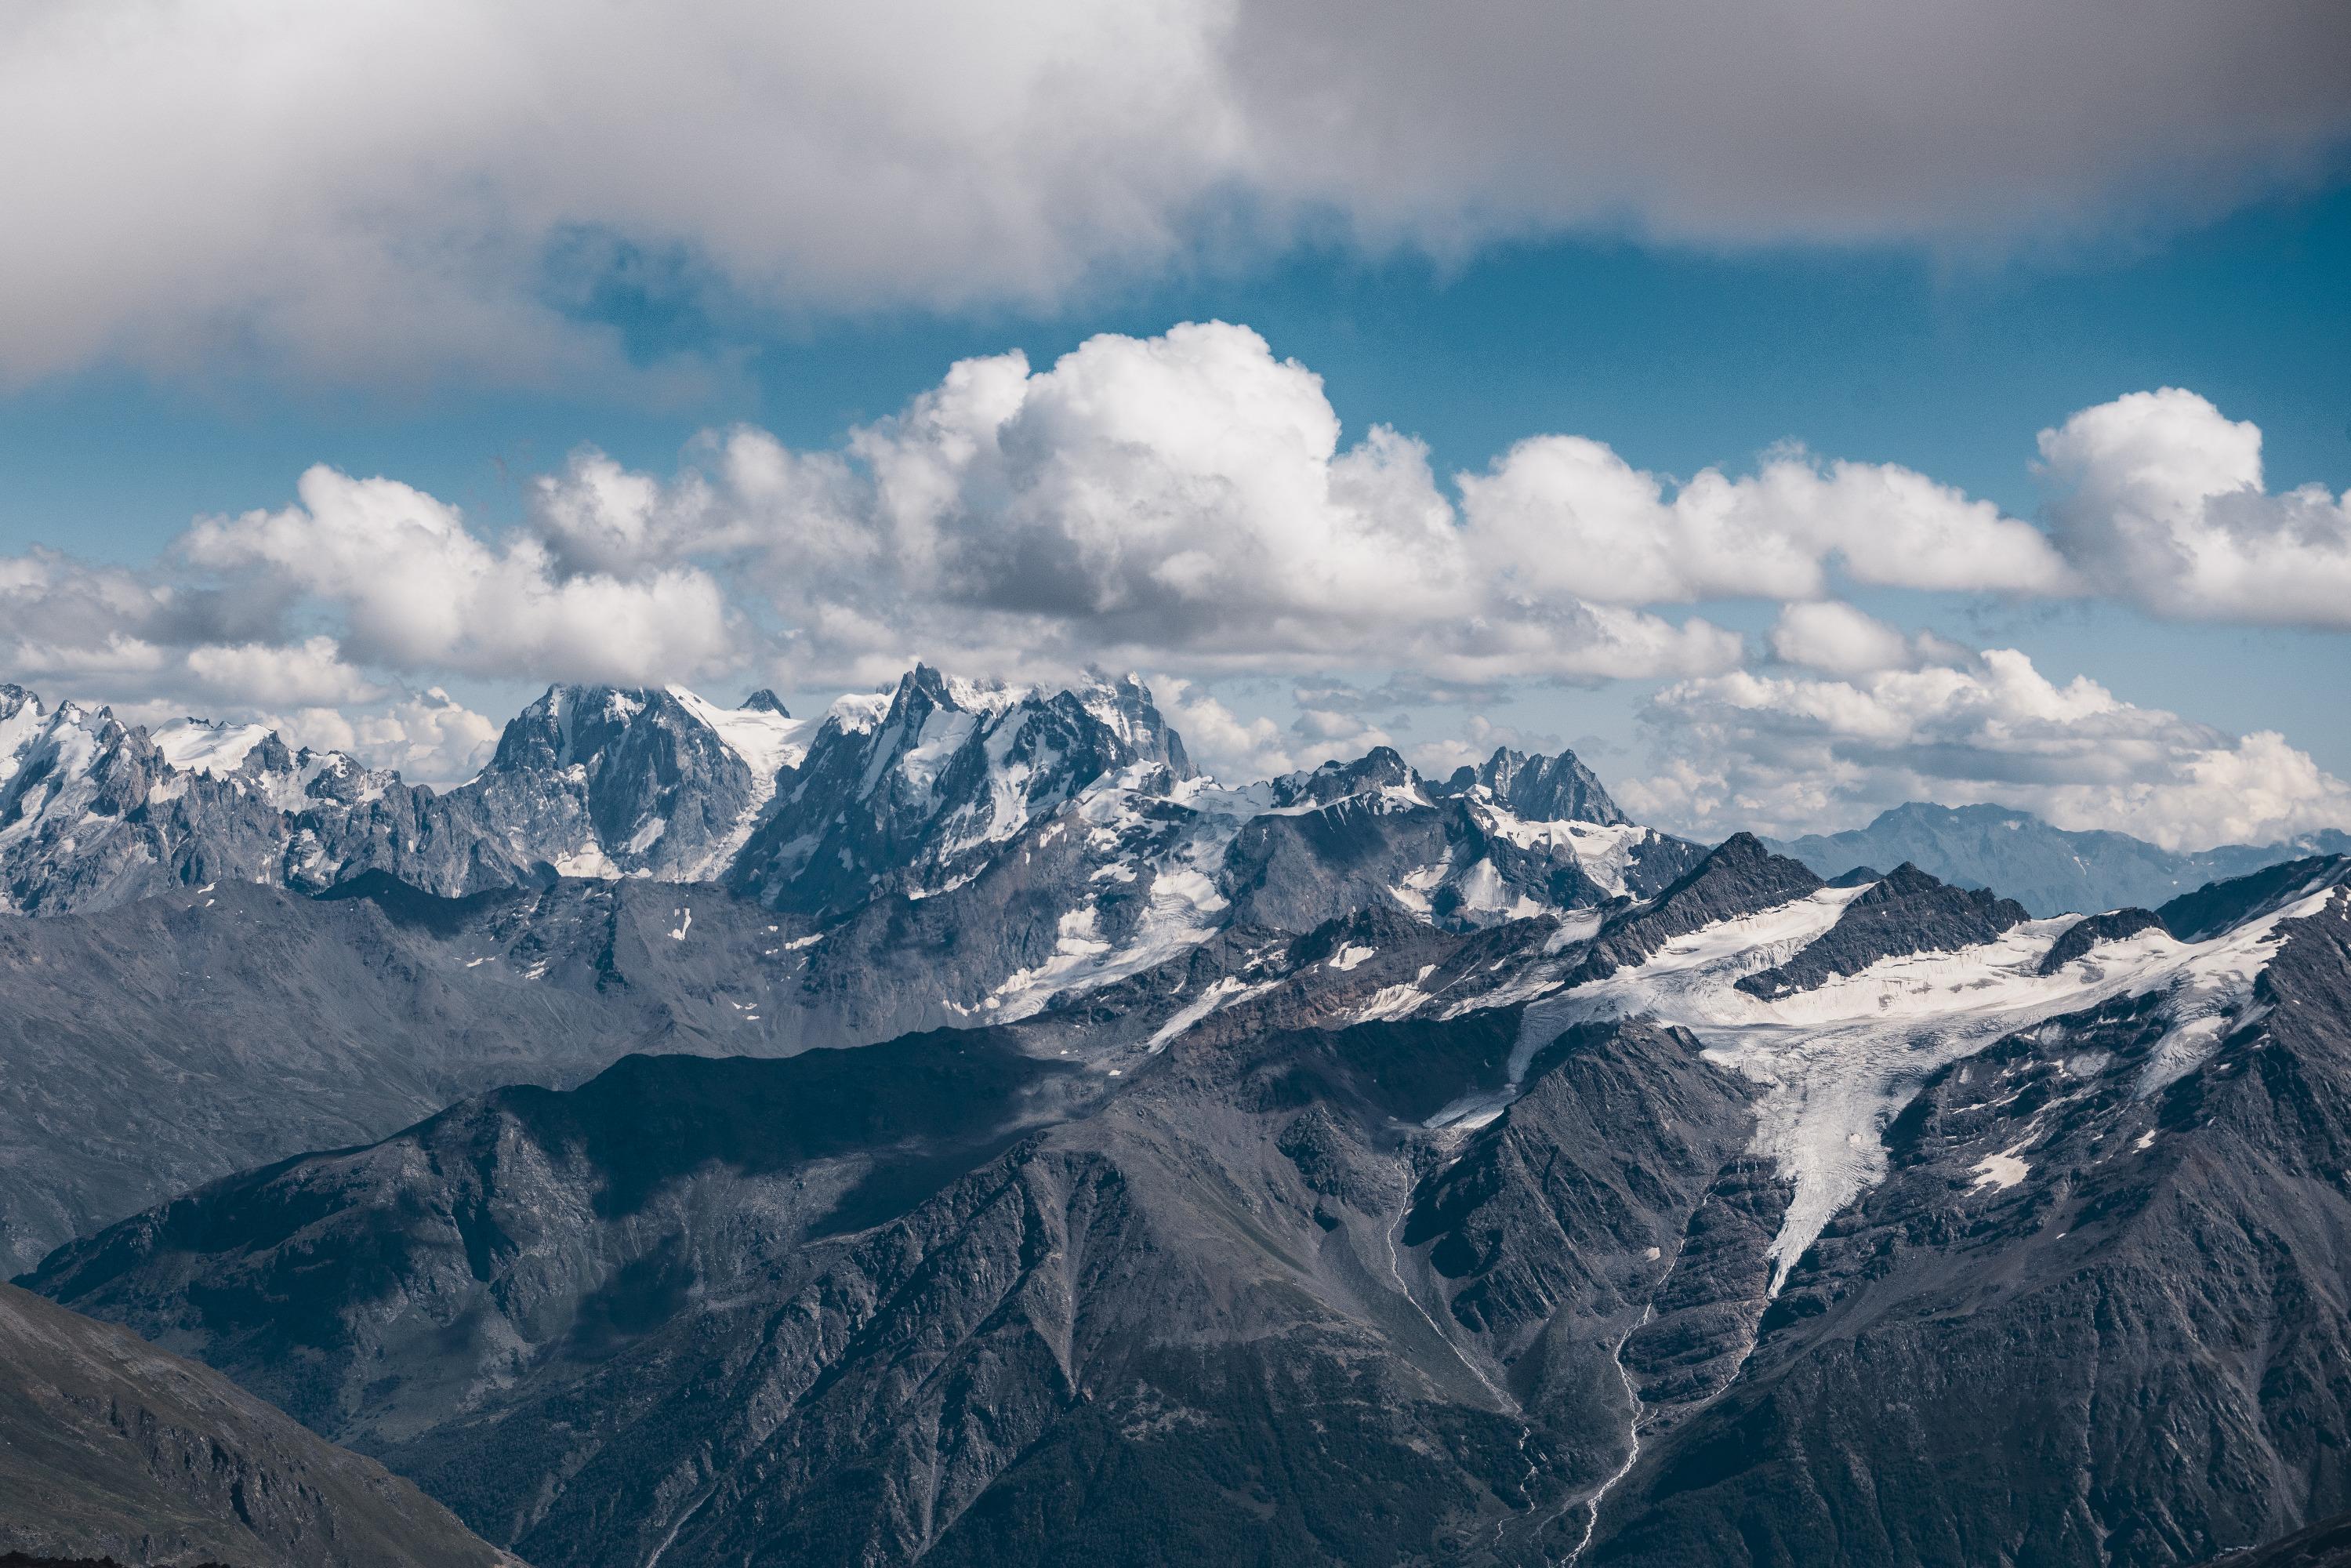 Как говорит новосибирец, для этой поездки он не брал какой-то специальной фототехники, но снимки получились захватывающими дух